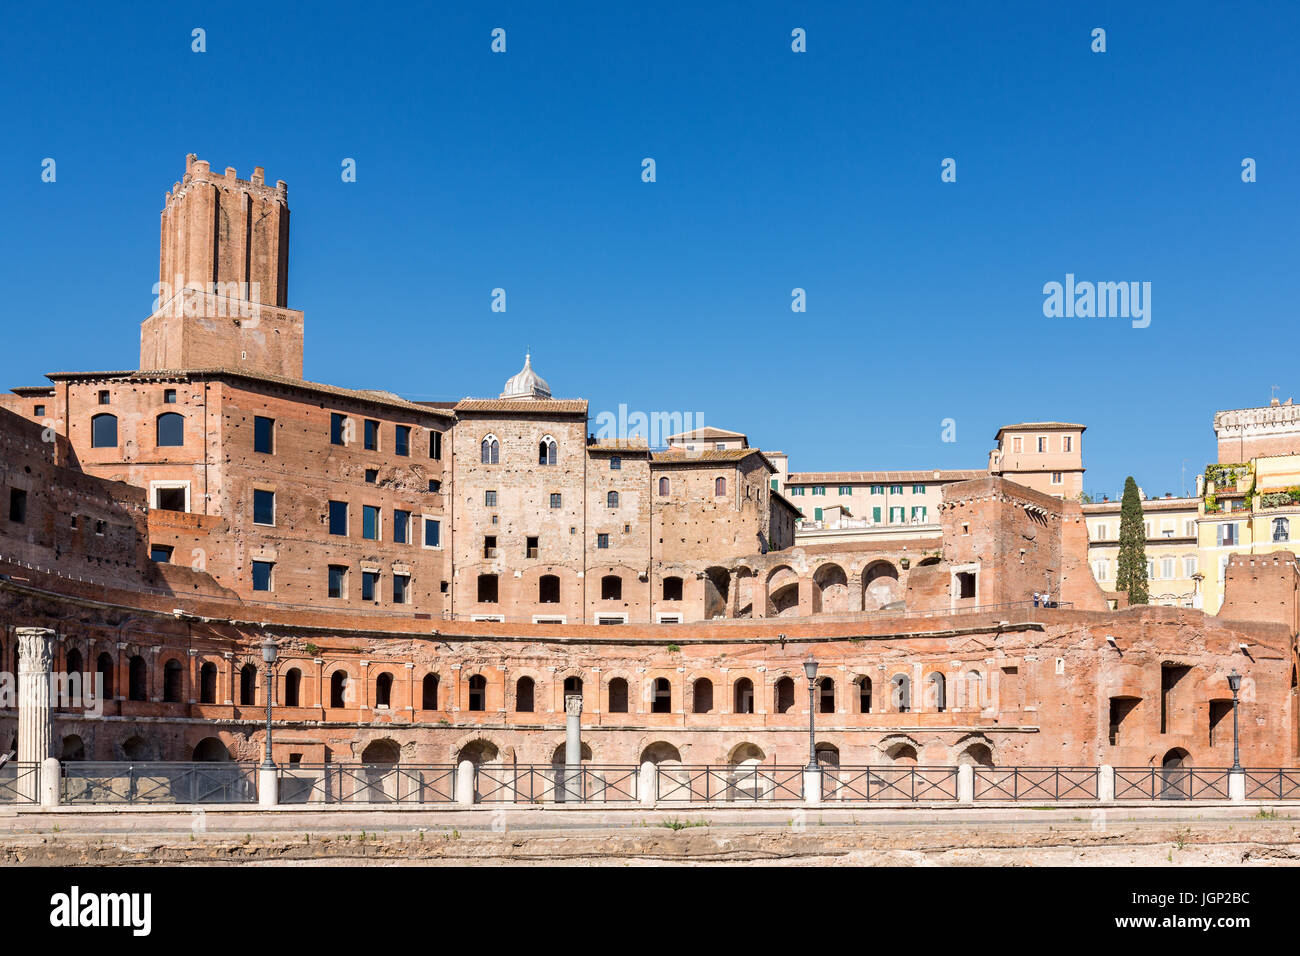 Archbasilica of St. John Lateran (Arcibasilica Papale di San Giovanni in Laterano), Rome, Lazio, Italy - Stock Image